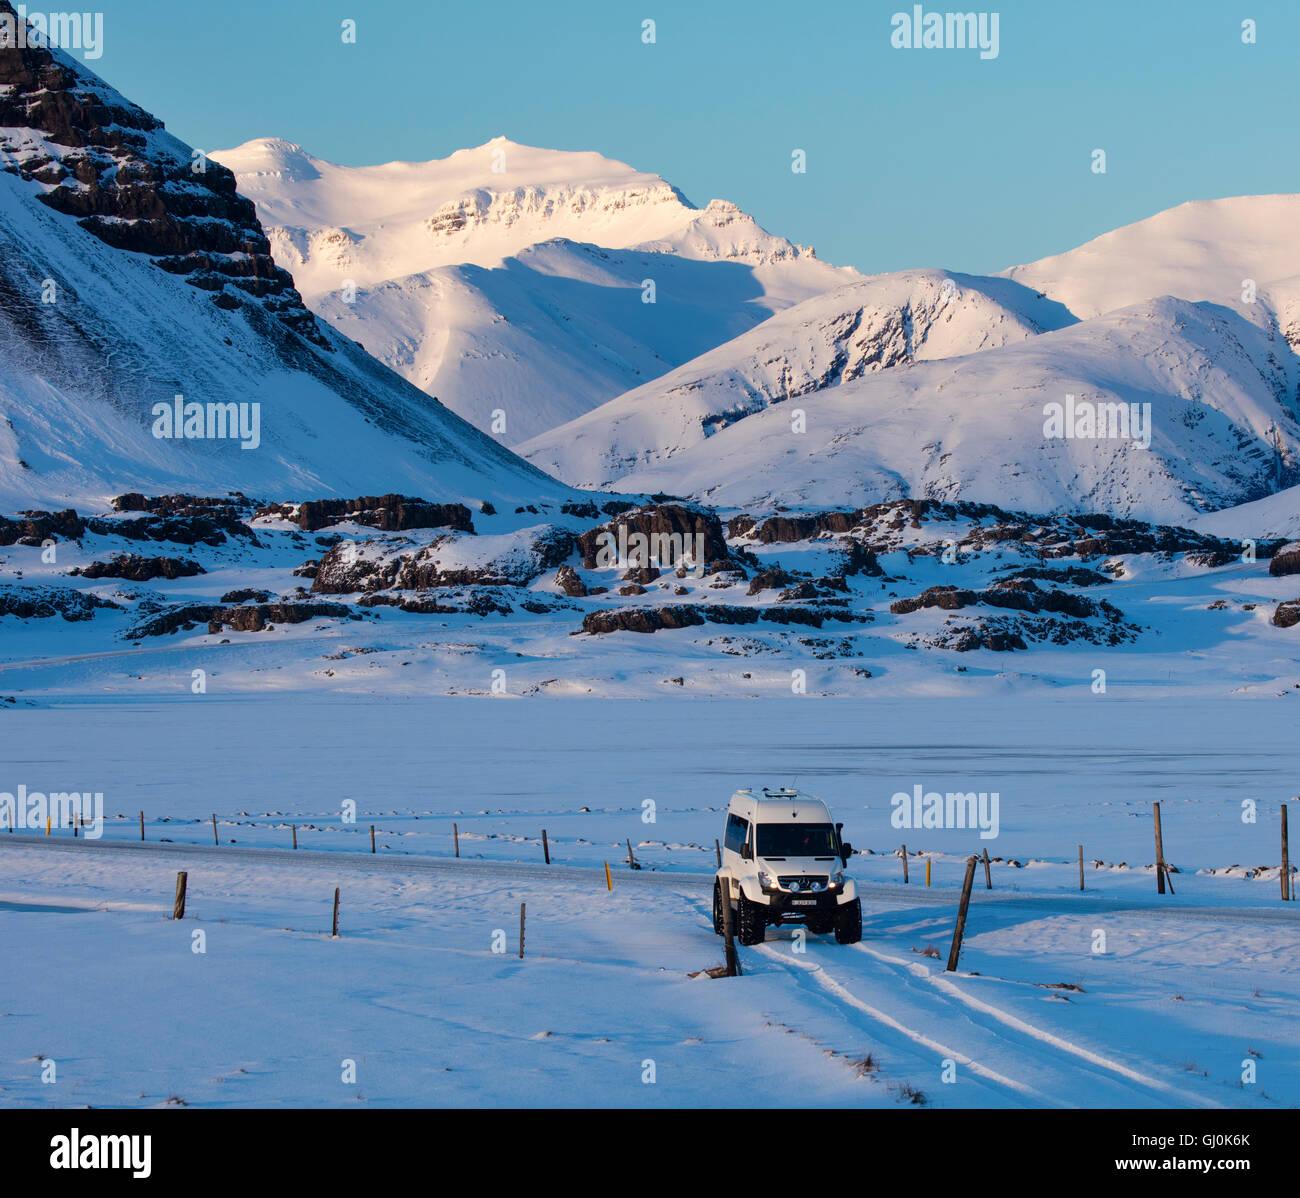 Le nostre ruote in Islanda Immagini Stock